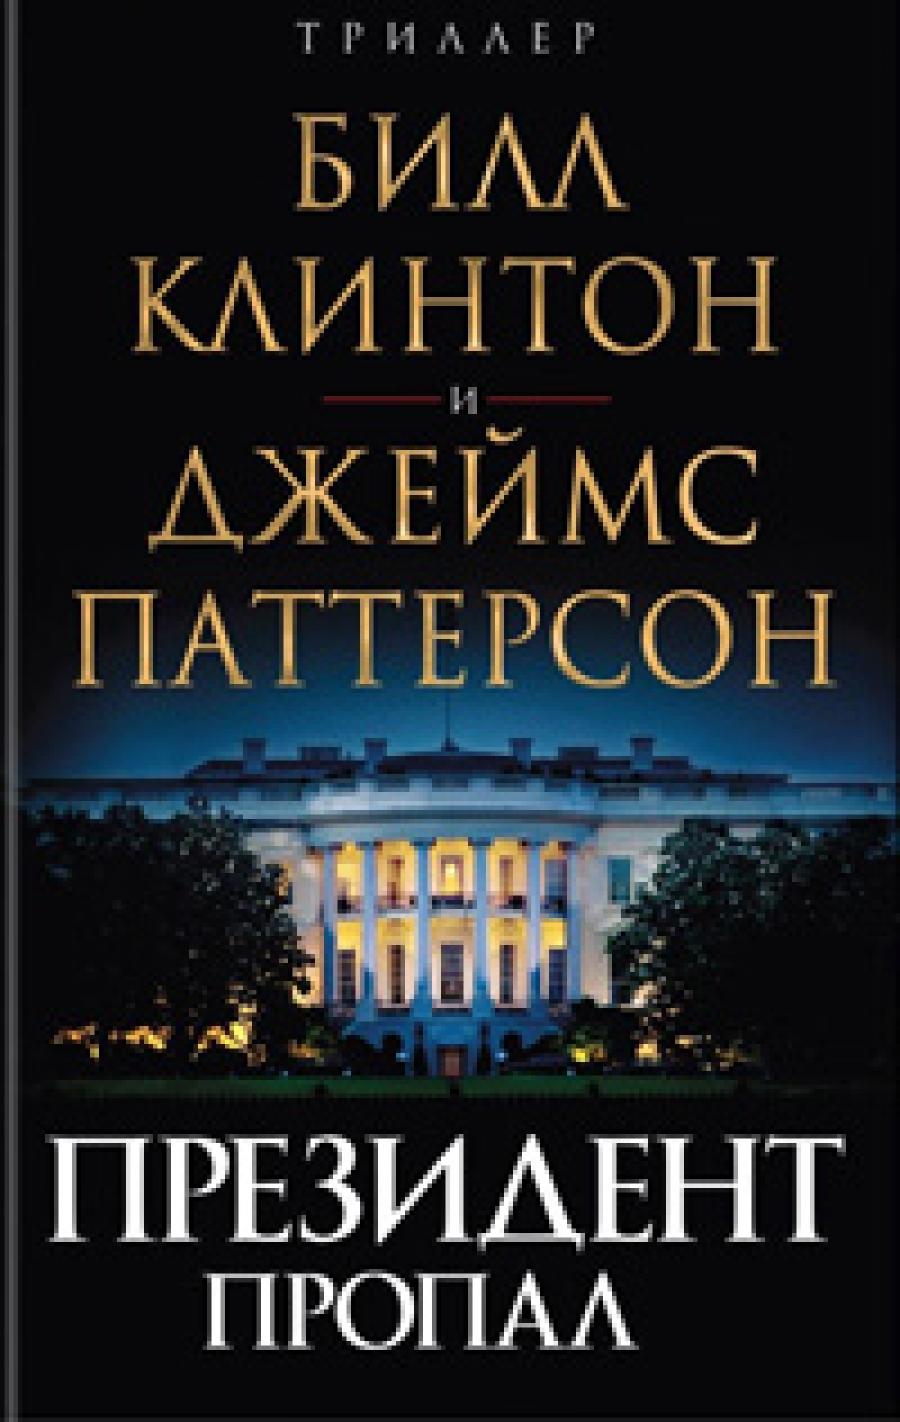 Билл КЛИНТОН, Джеймс ПАТТЕРСОН. Президент пропал (16+)